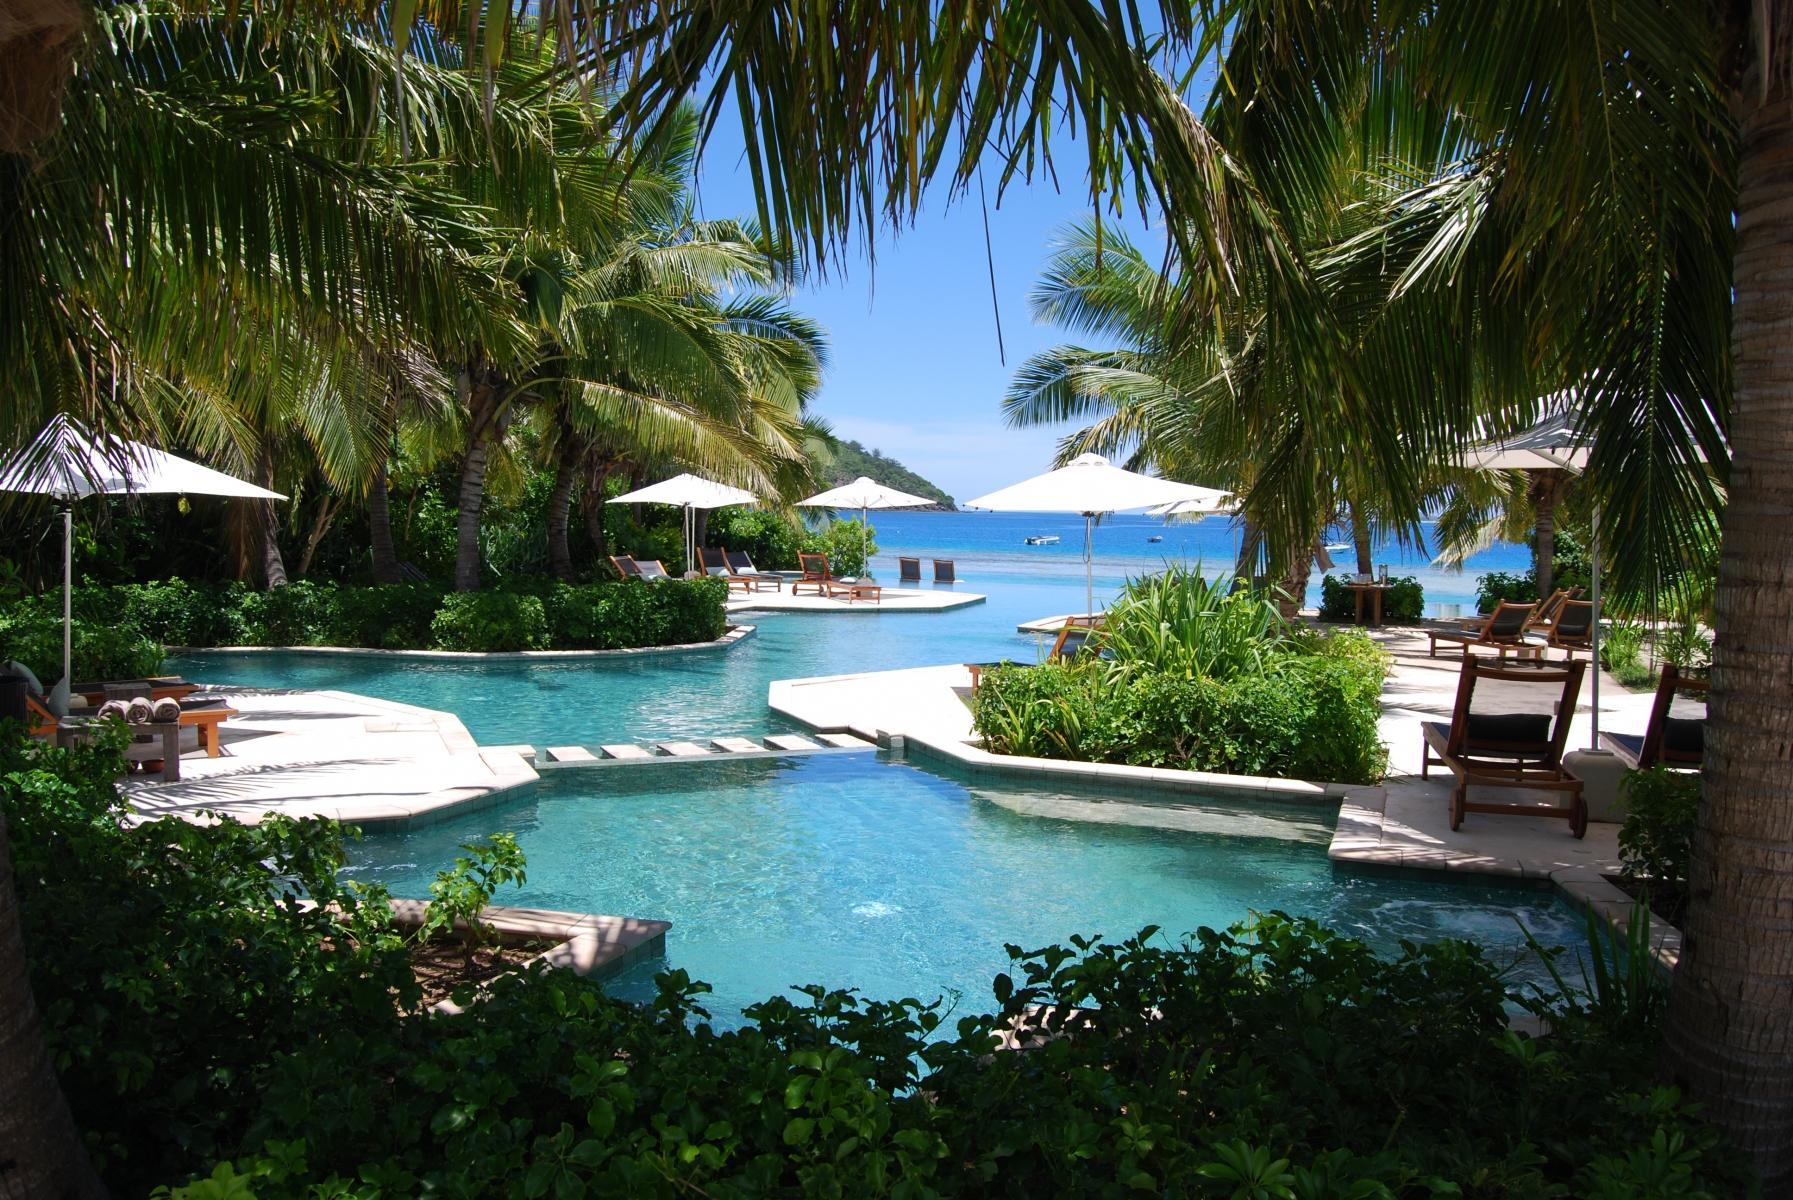 Likuliku-Lagoon-Resort-Fiji-2-1-2011-1-48-11-PM